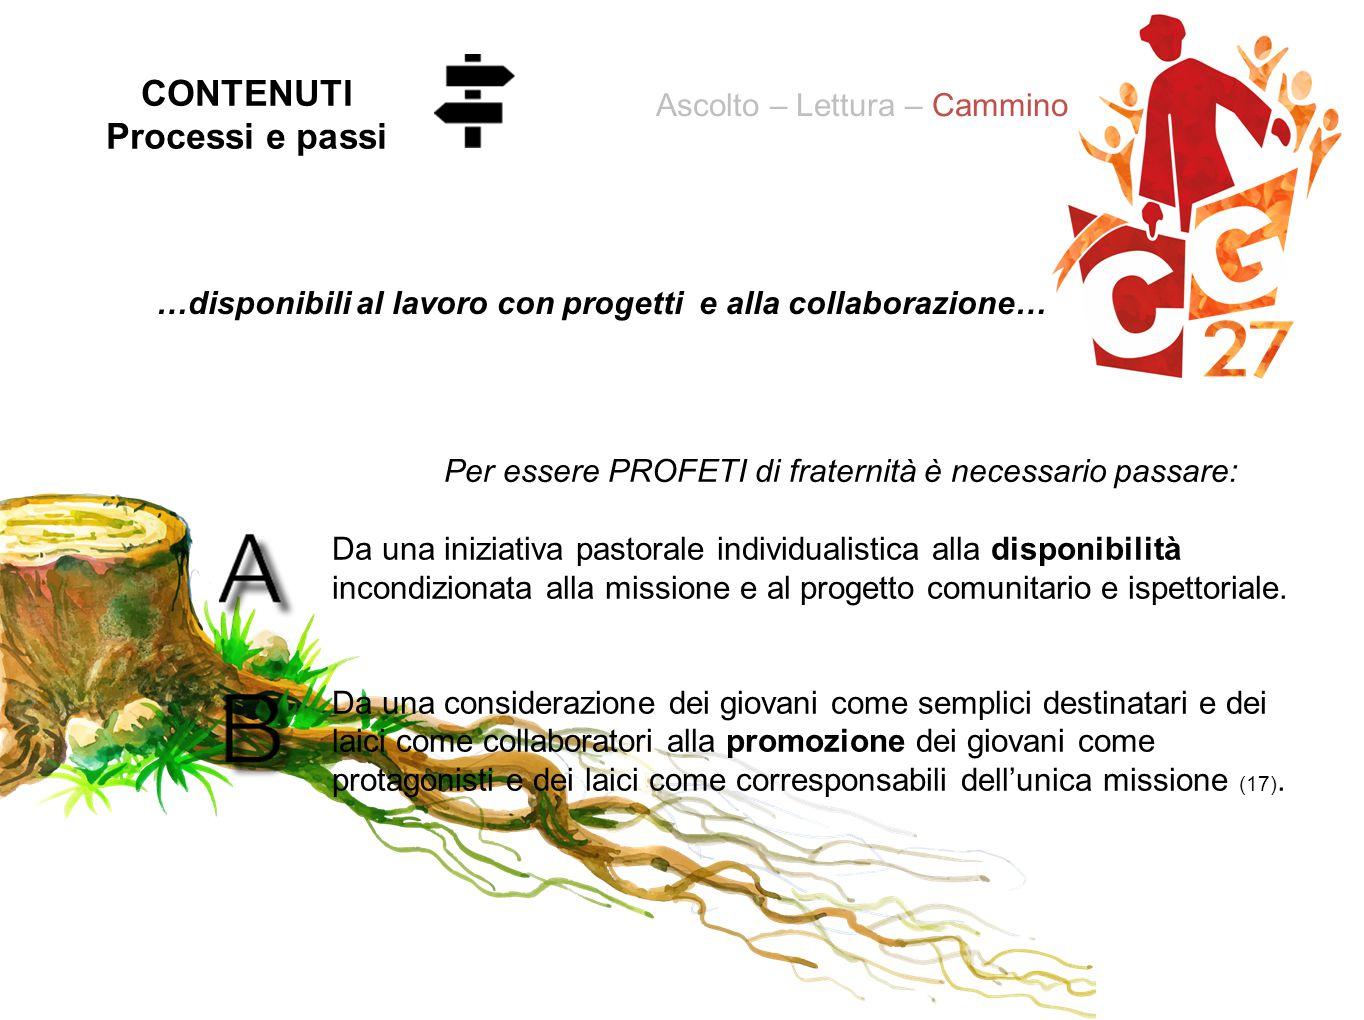 Da una iniziativa pastorale individualistica alla disponibilità incondizionata alla missione e al progetto comunitario e ispettoriale. Da una consider